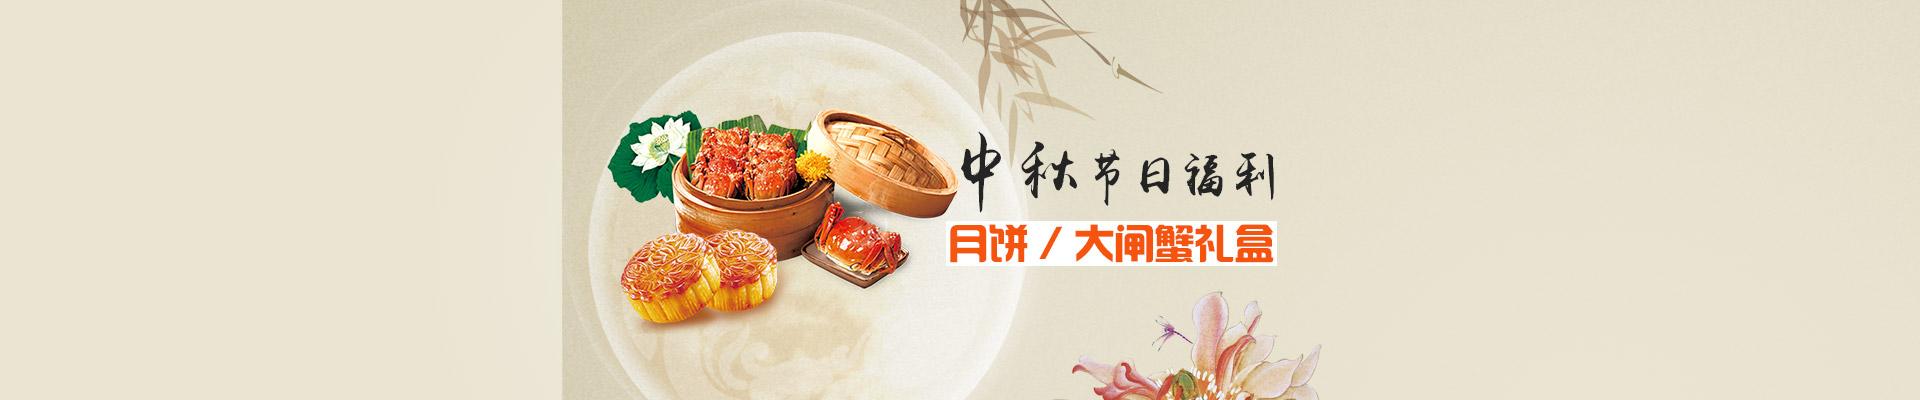 中秋节日福利